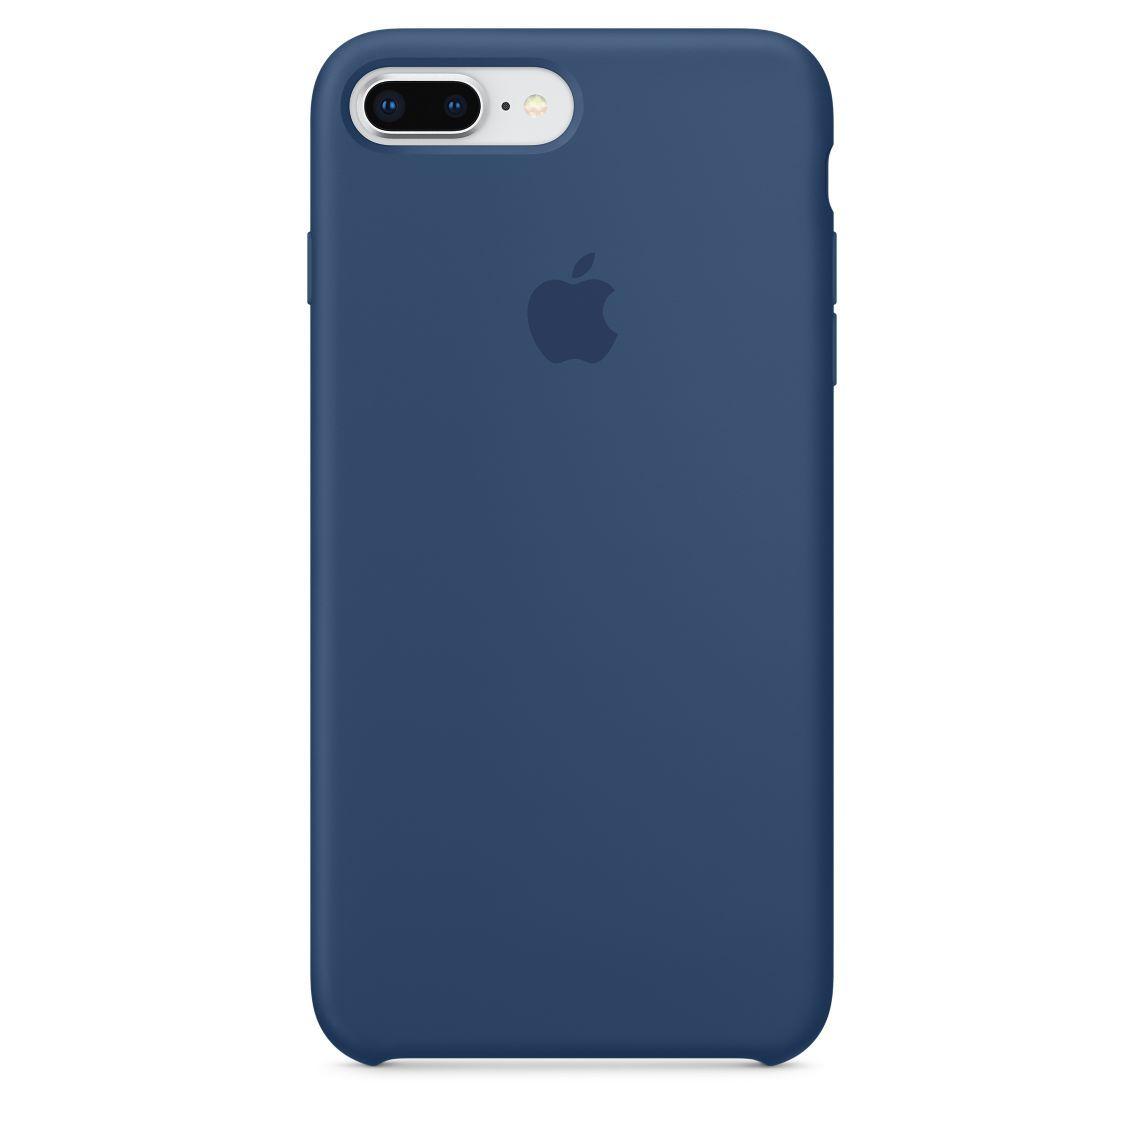 Iphone 8 Plus 7 Plus Silicone Case Black Silicone Iphone Cases Iphone Black Iphone Cases